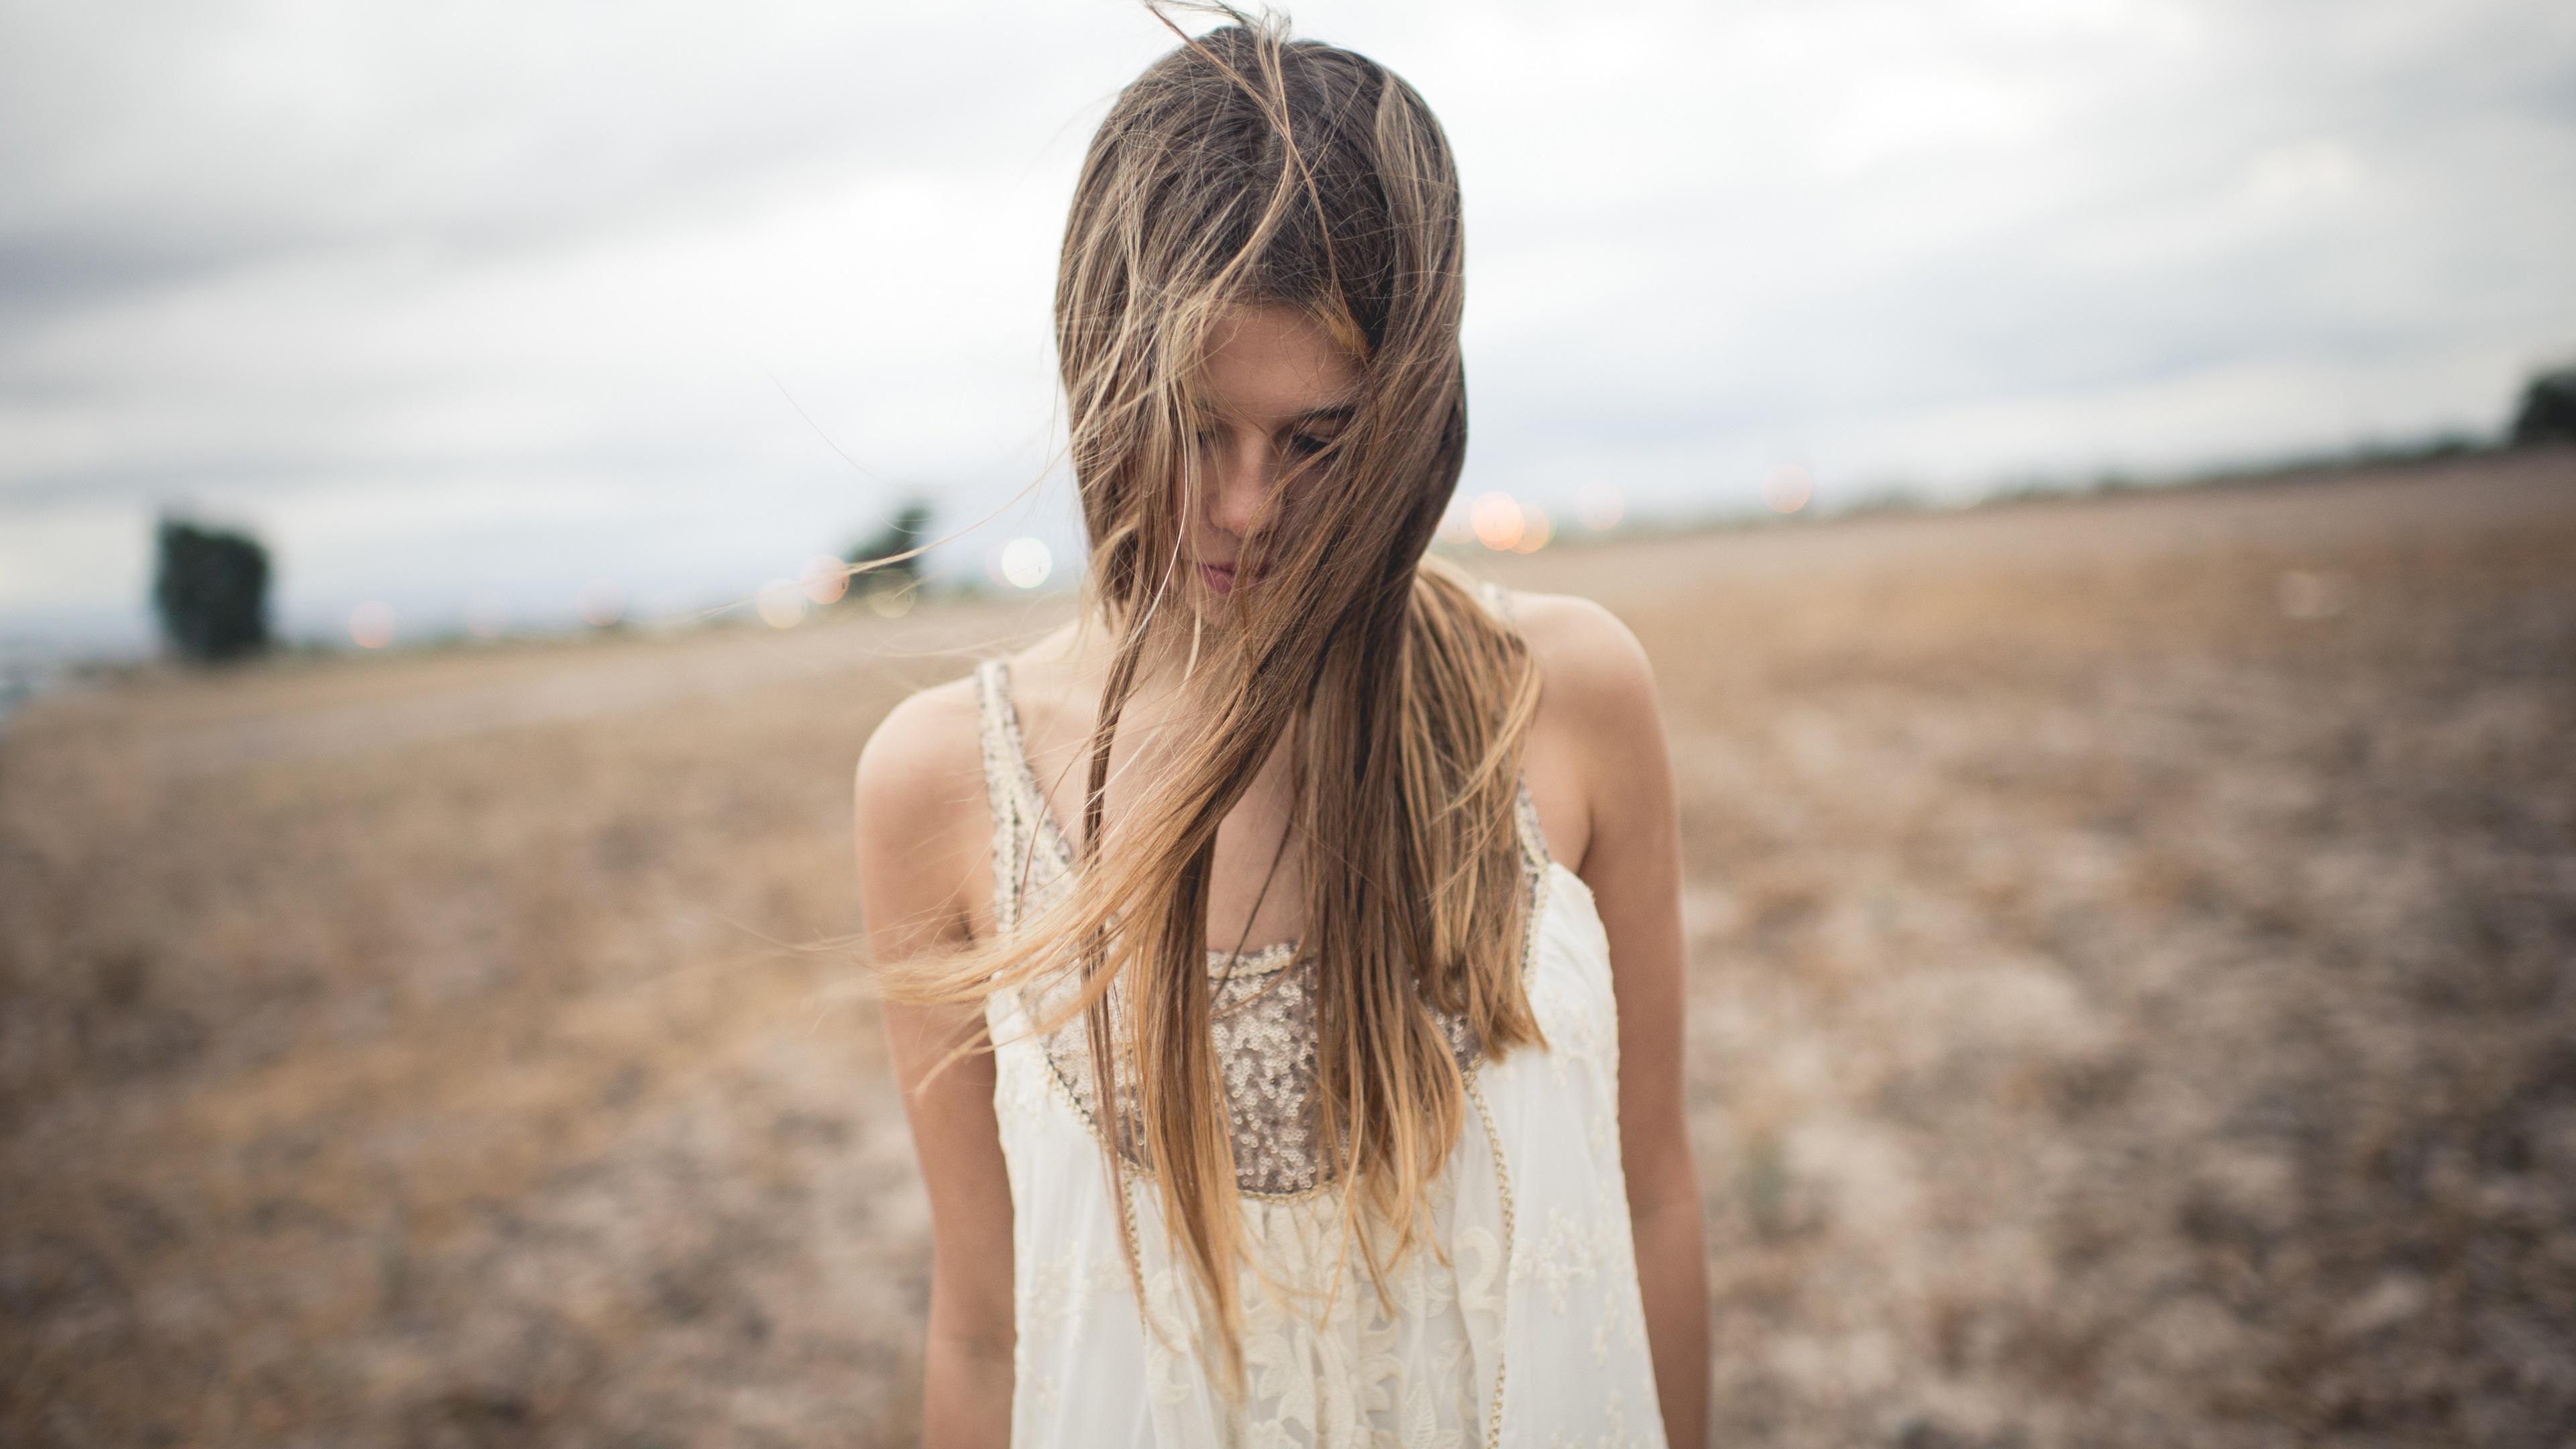 Девушка в поле волосы без смс